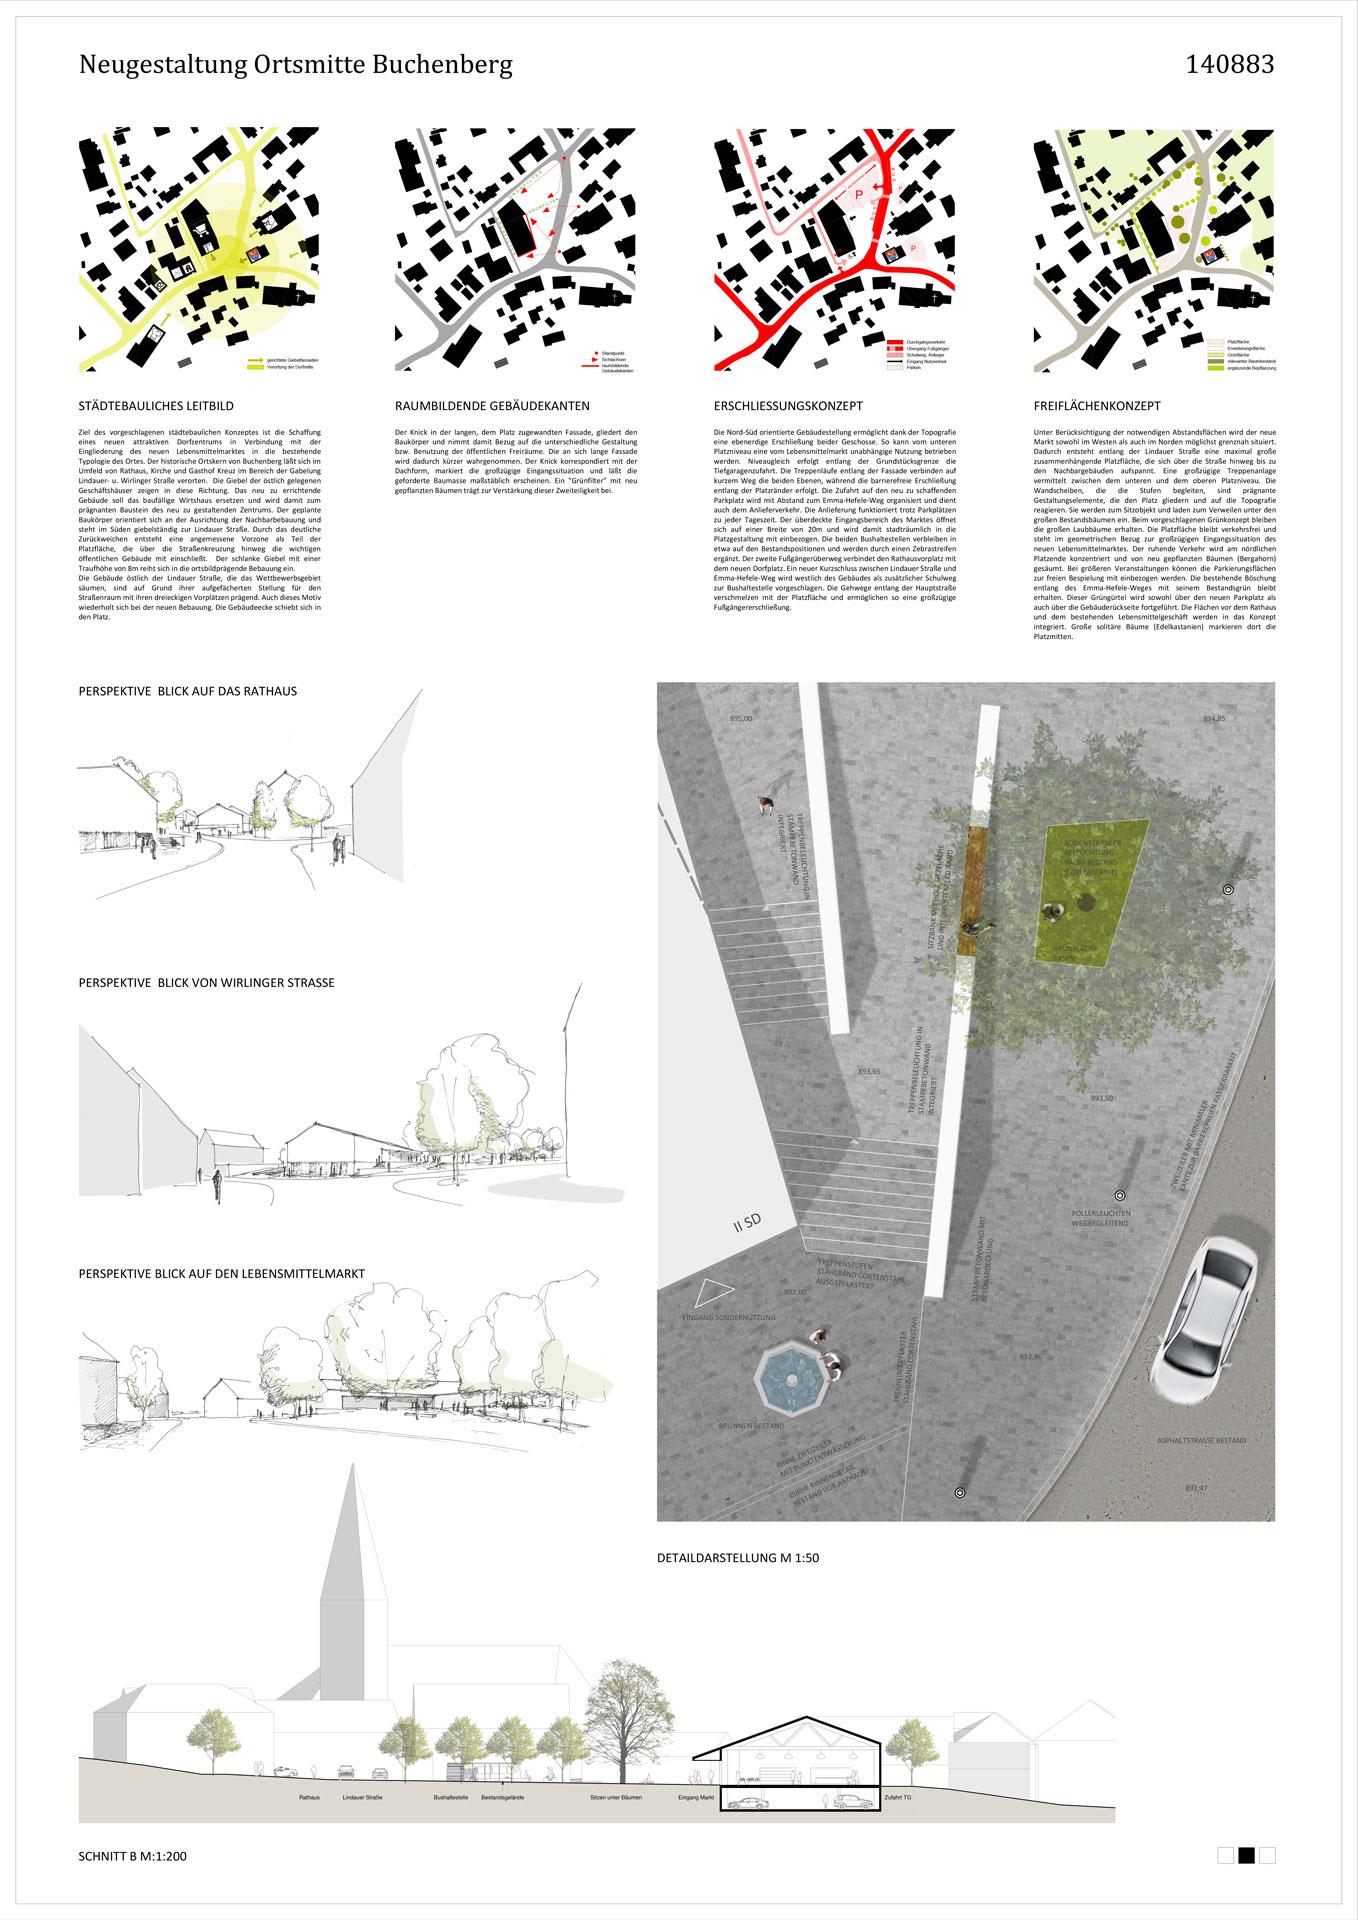 architektur-plus-raum-buchenberg-ortsmitte-plan-2